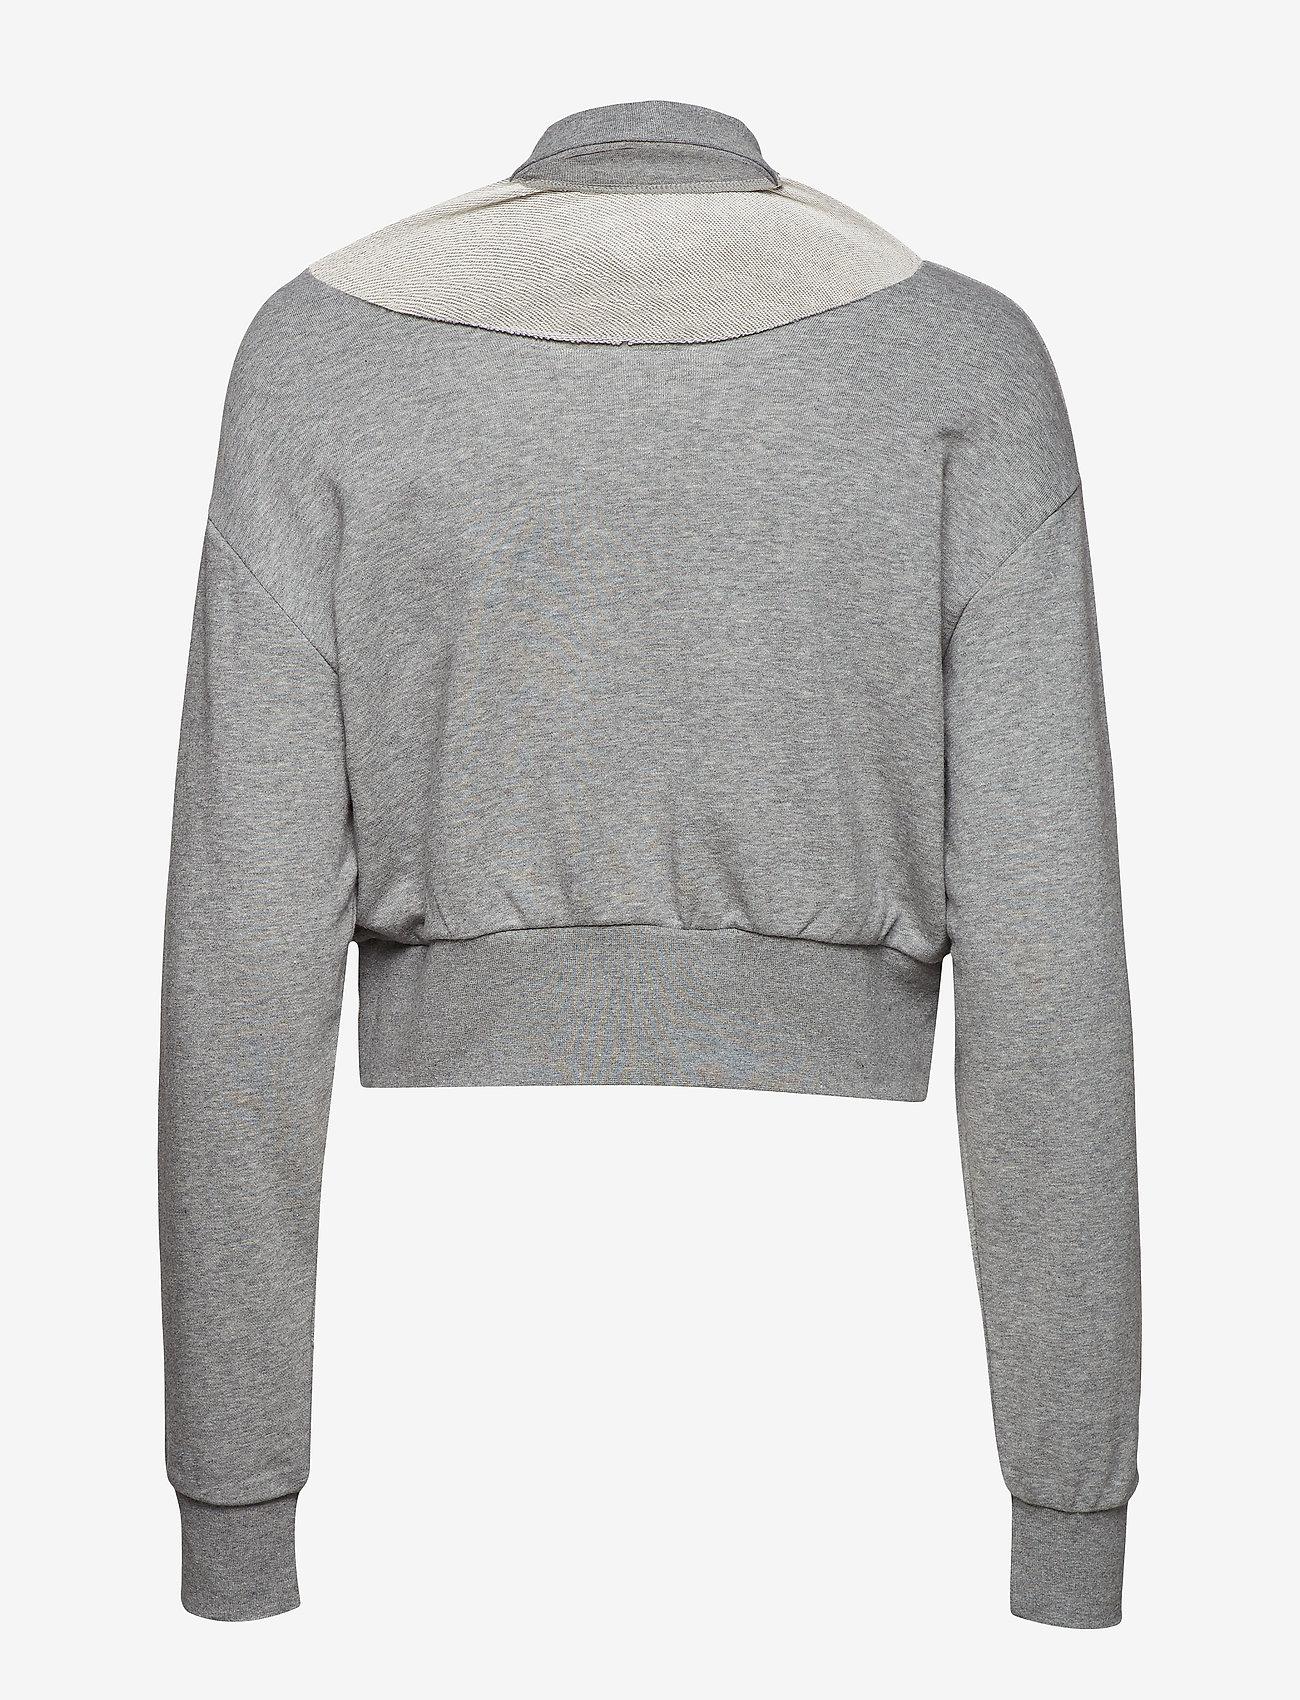 Cheap Monday Feel sweat - Swetry GREY - Kobiety Odzież.